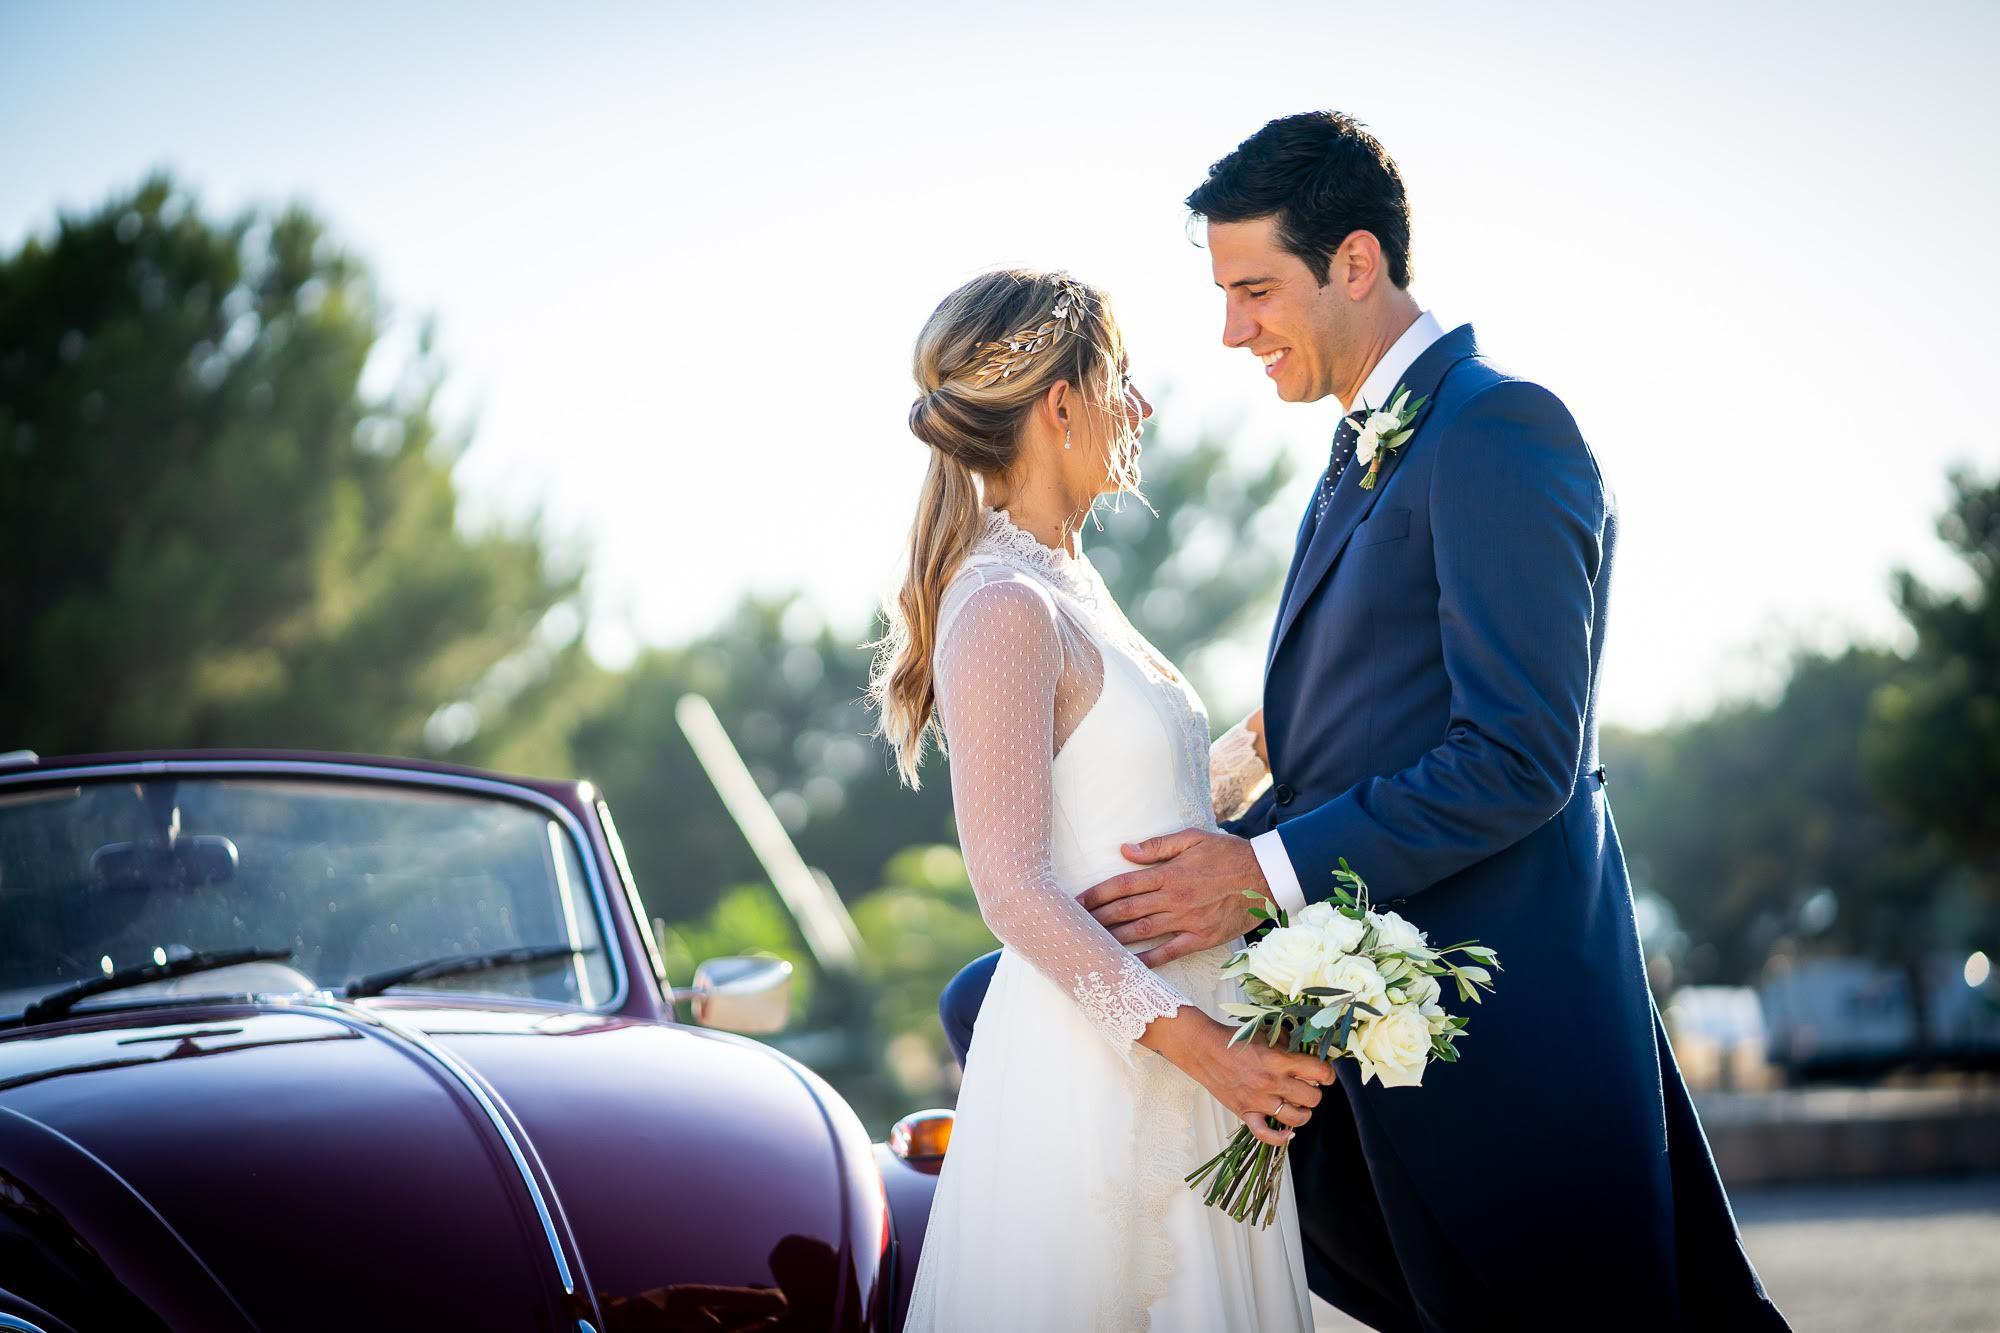 Una boda especial para novios especiales: Bea y Javi/A special wedding for a very special couple: Bea and Javi